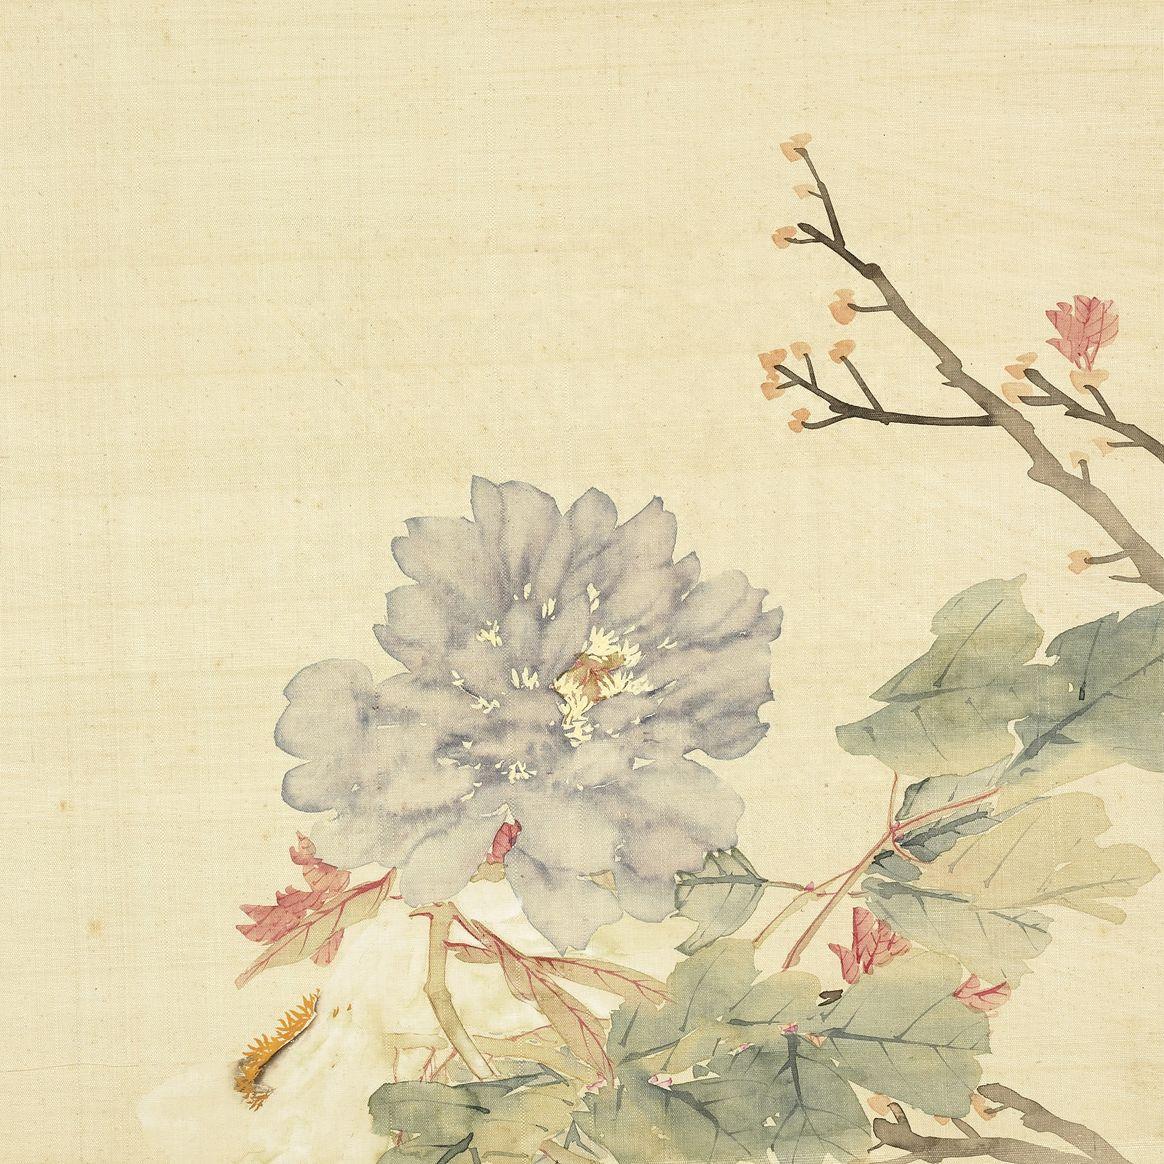 peonies li peiyu qing dynasty 1644 1911 album leaf ink and colors on silk 32 x 32 cm deko